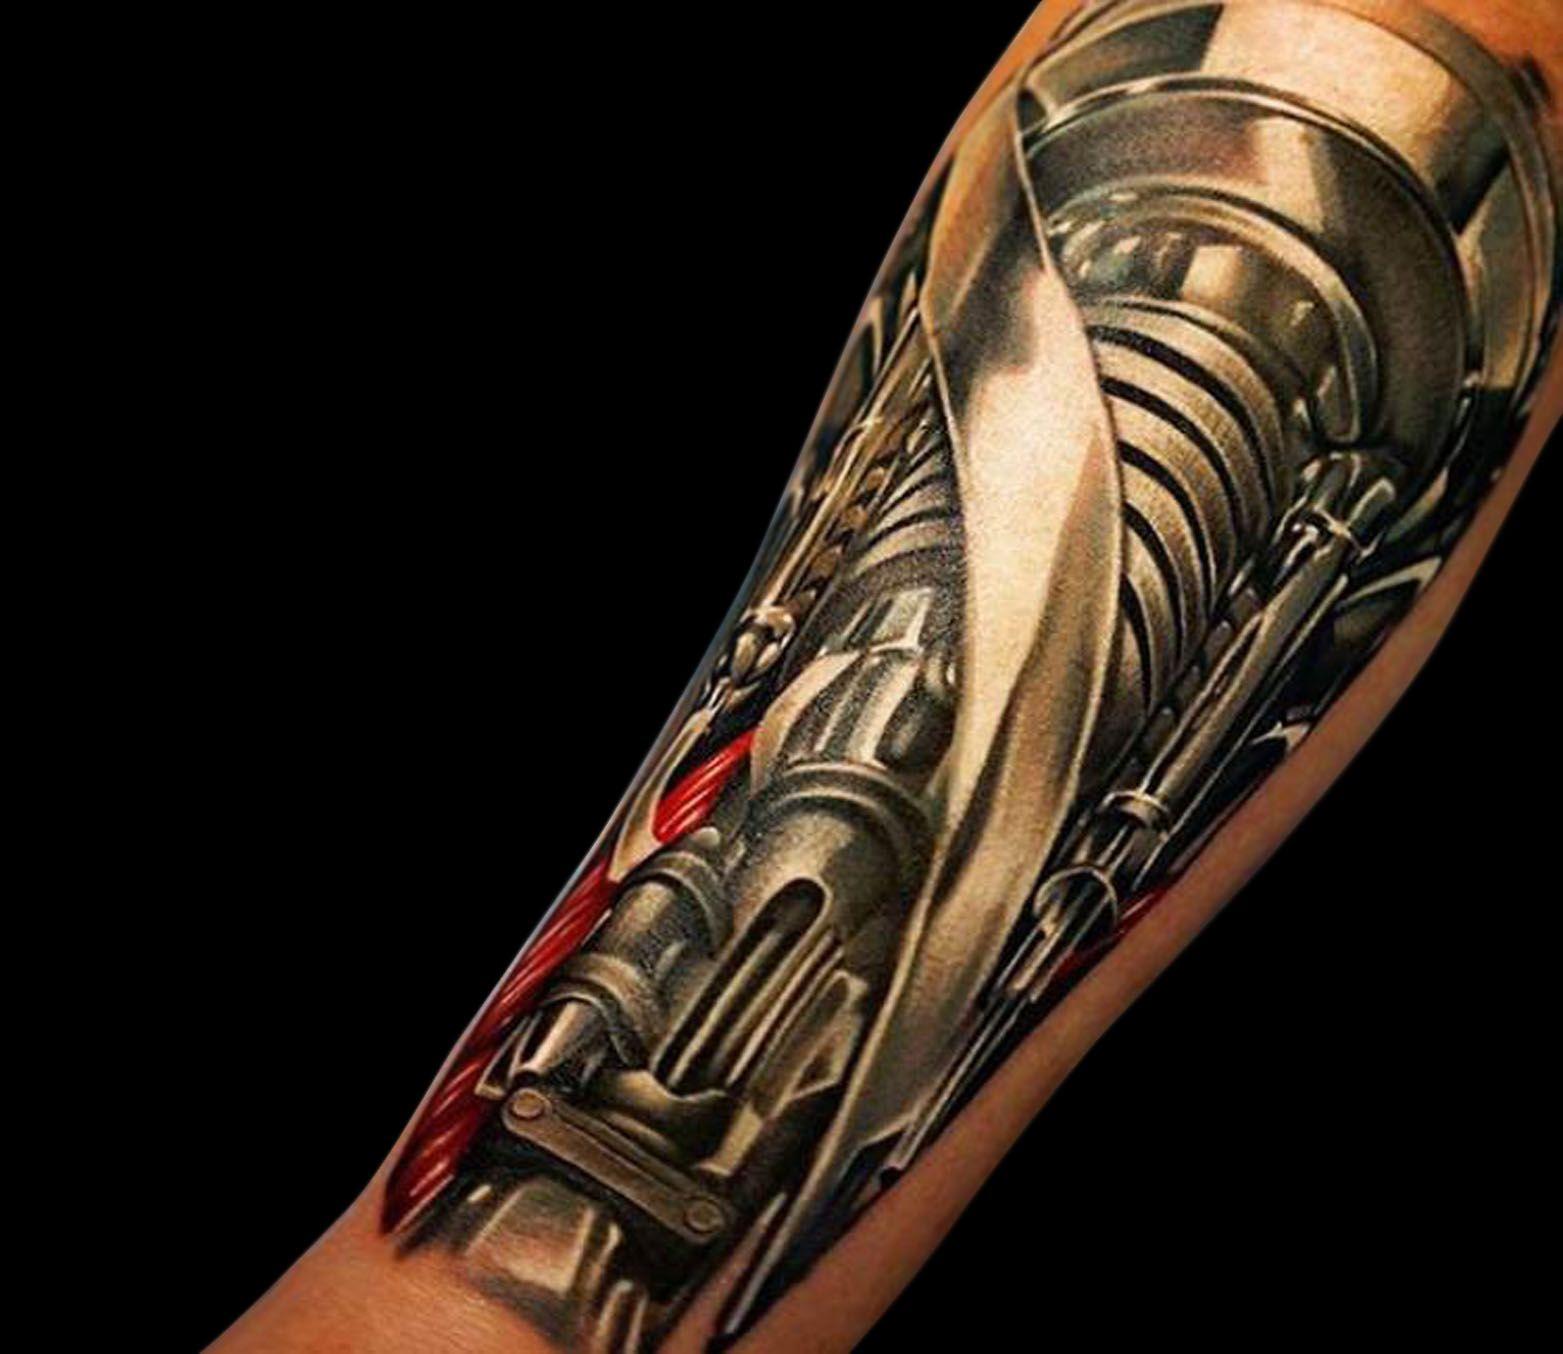 Pin by Marek Jabłiński on Tatuaż Tatuaże, Tatuaż